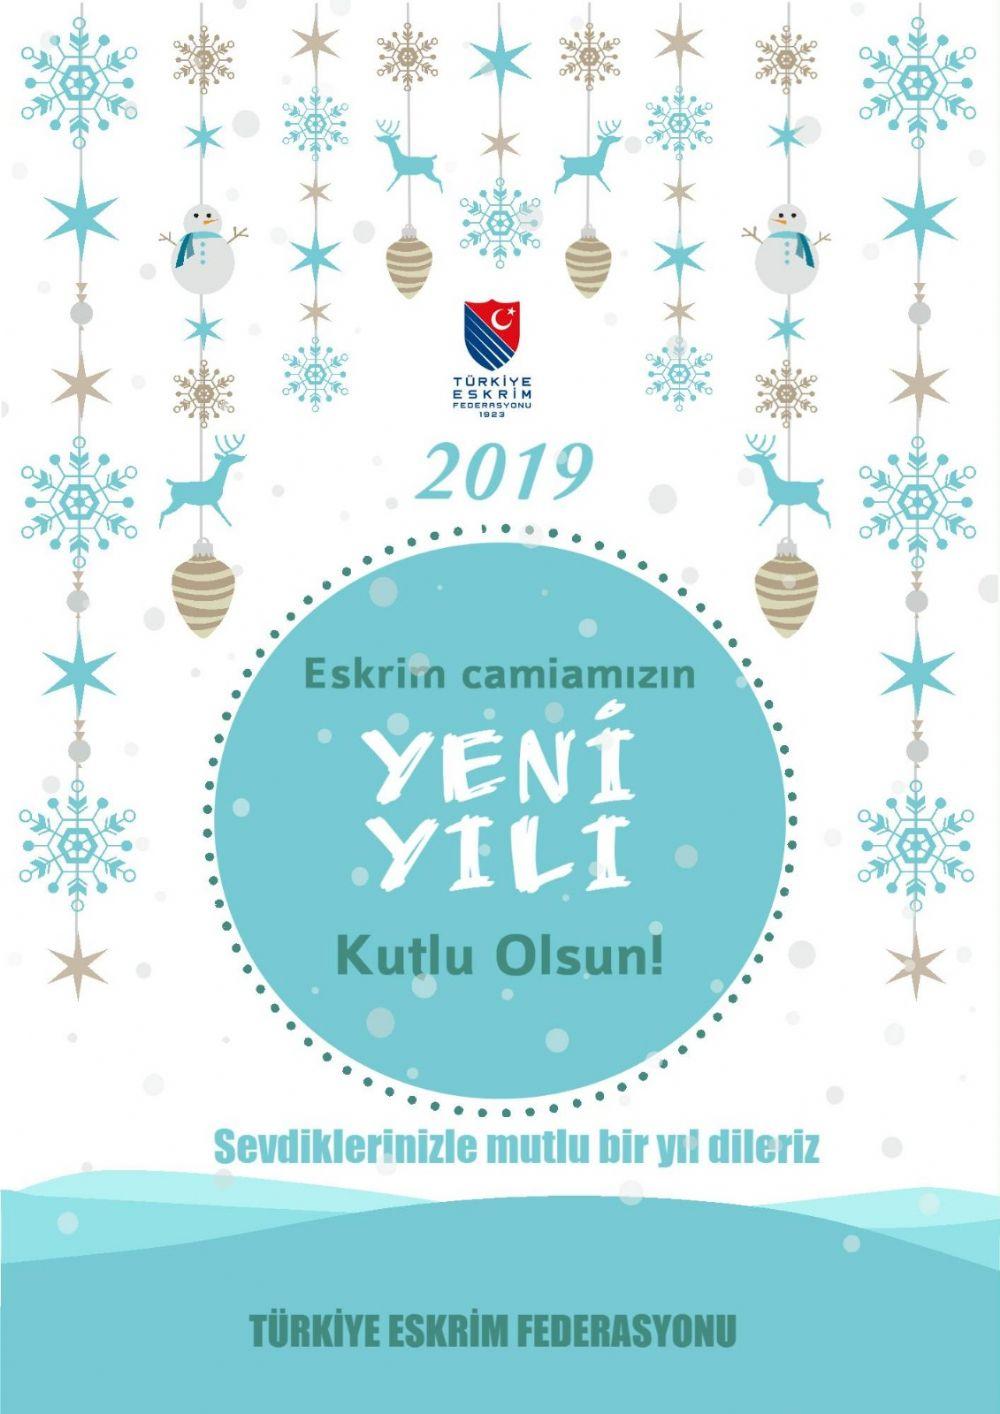 Eskrim Camiamızın Yeni Yılı Kutlu Olsun